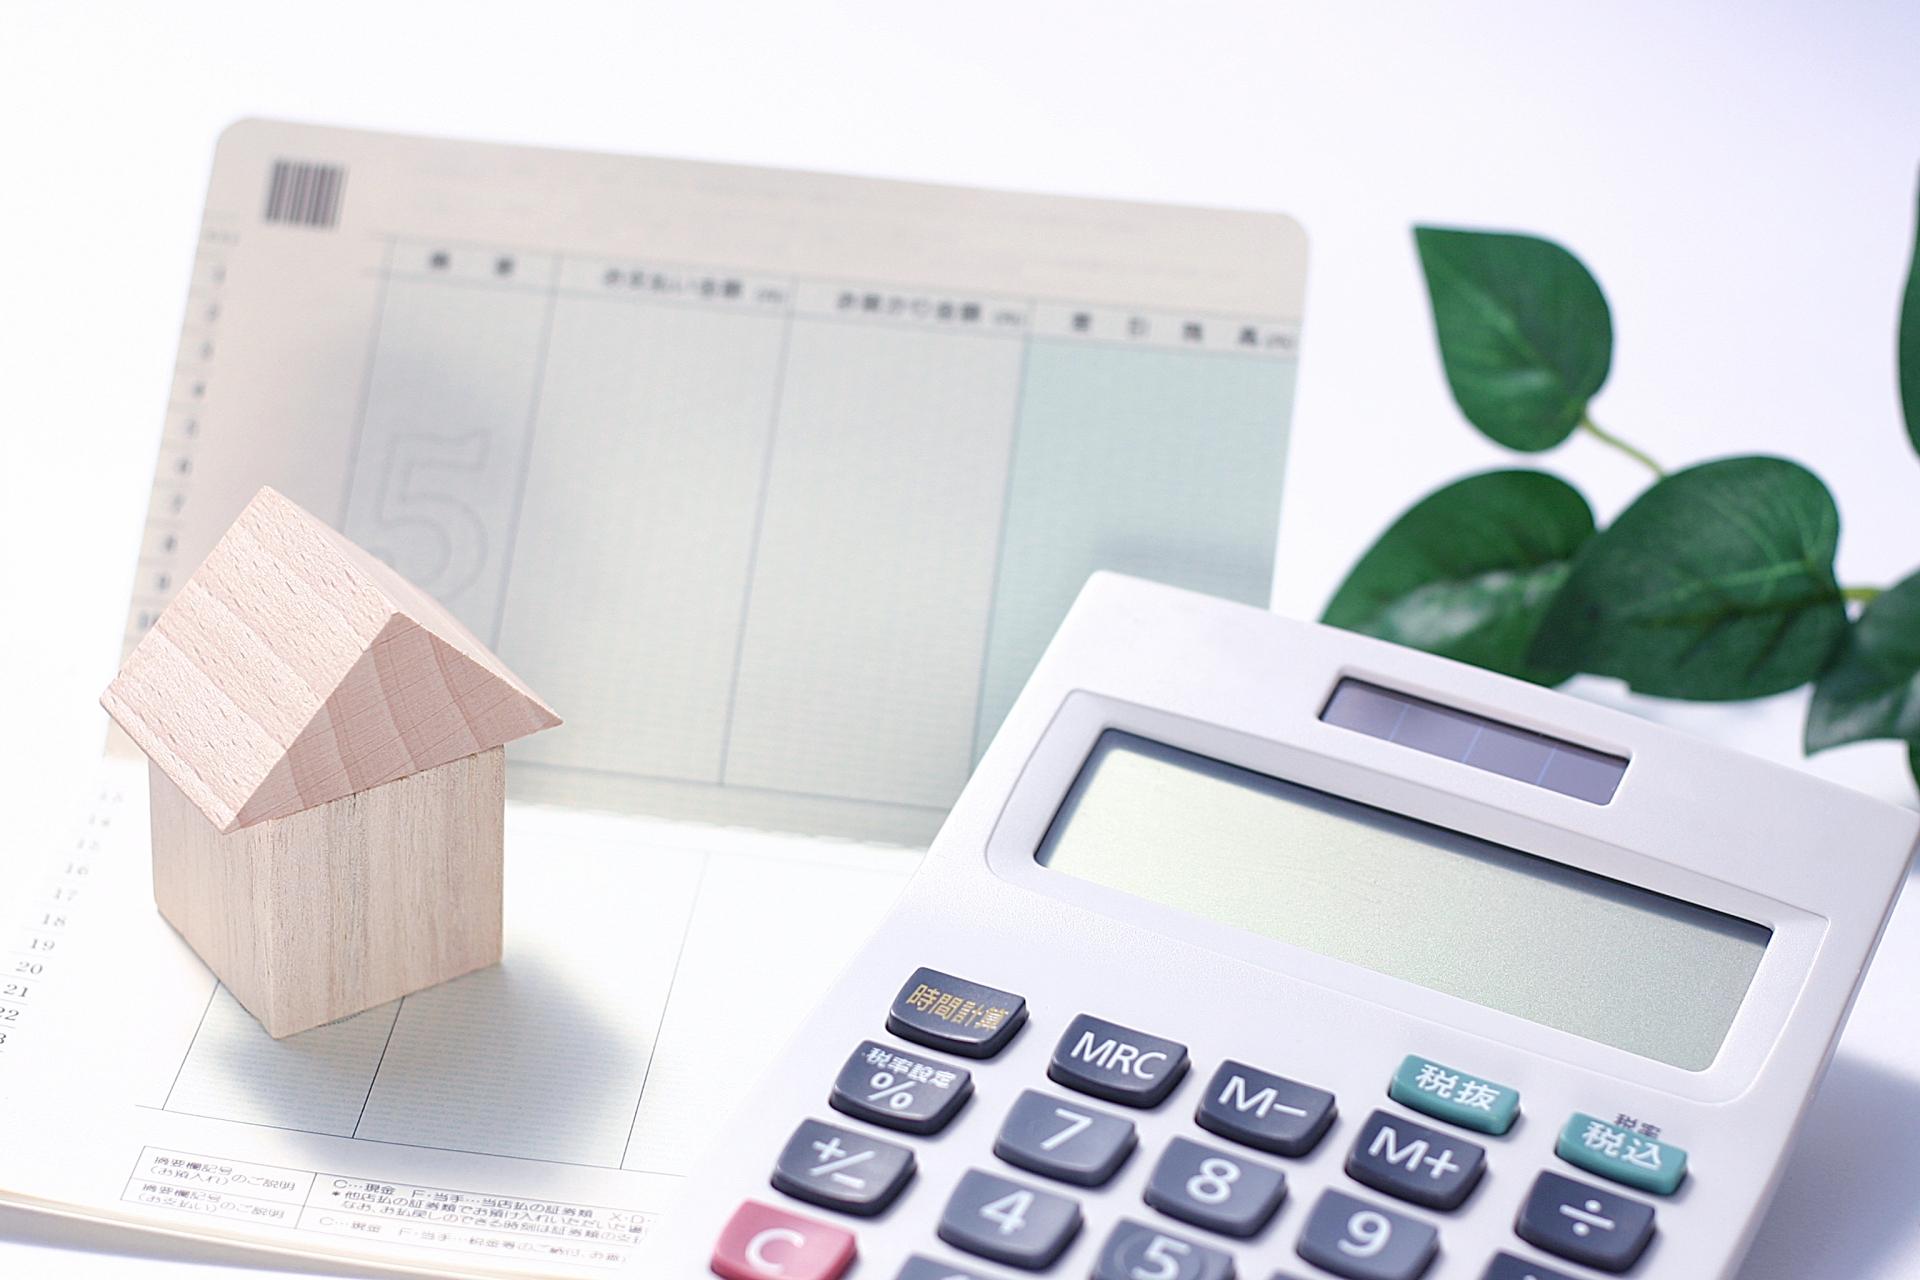 マンション・家(不動産)の購入時にかかる費用・税金は?頭金はどれくらい必要?【はじめてでも安心!】